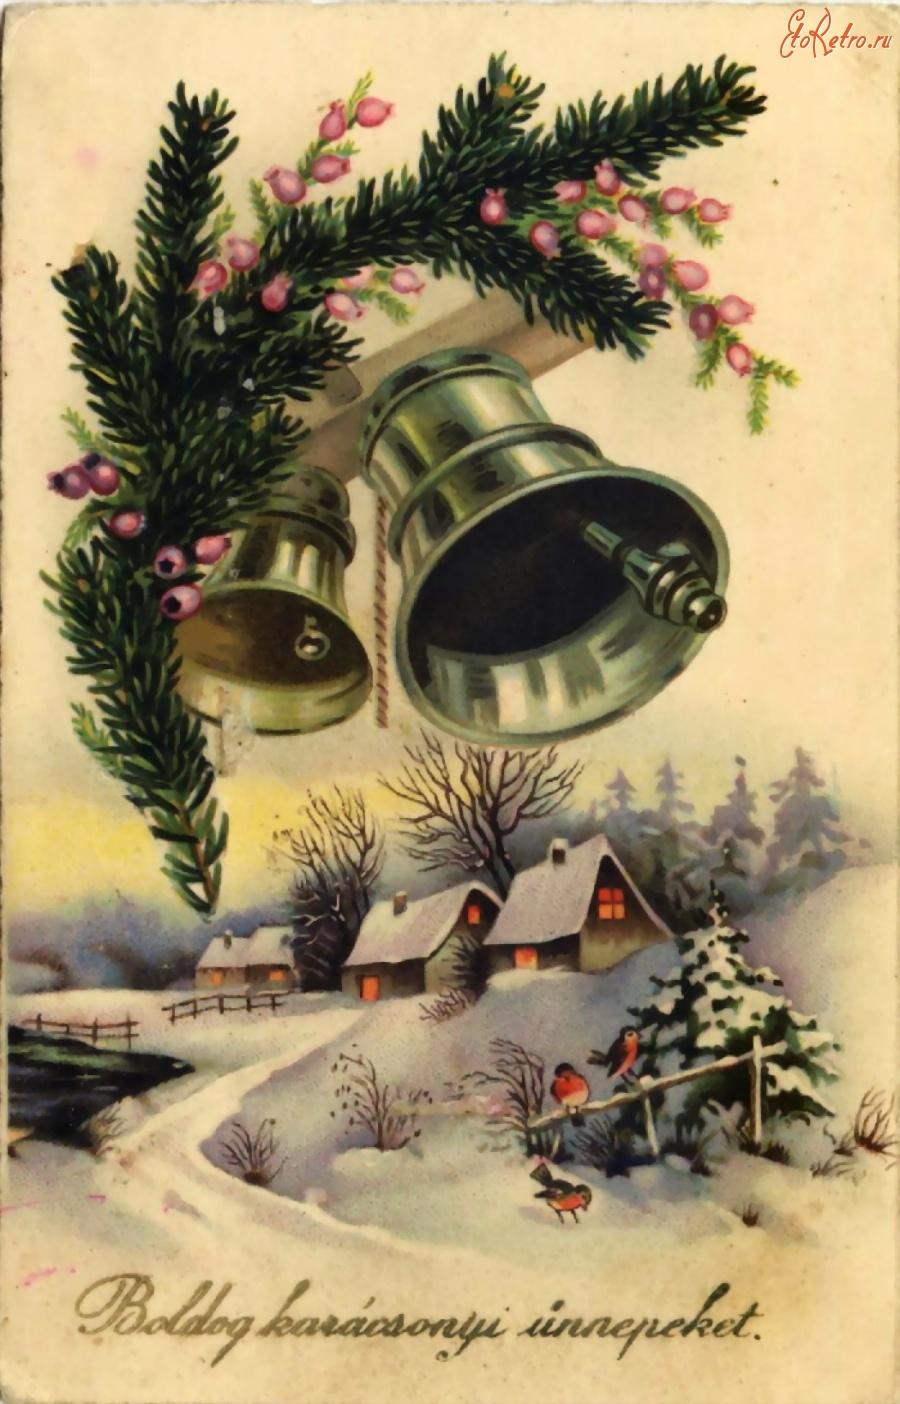 Рождеством старинные открытки, гифки пожеланиями другу